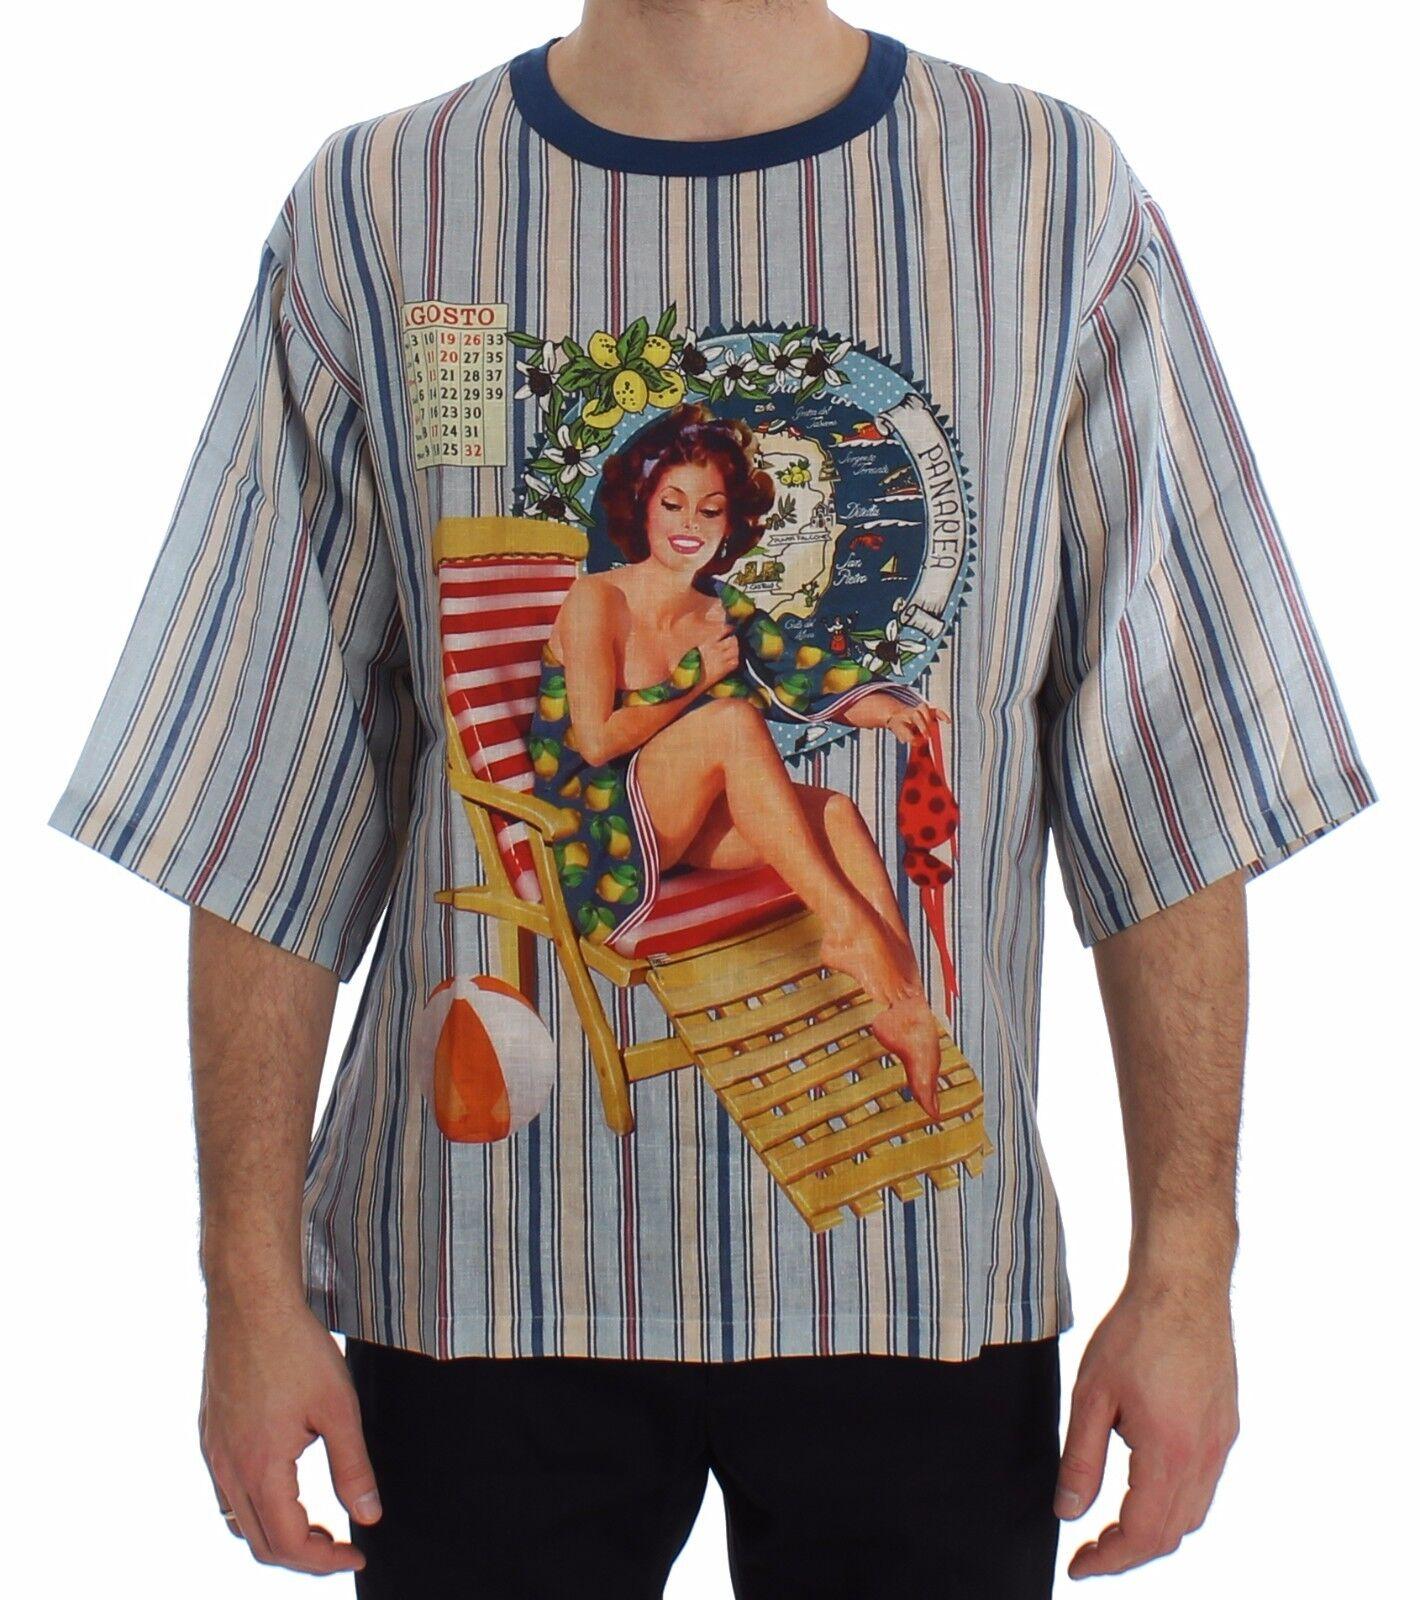 Nuovo Dolce & Gabbana T-Shirt collo Tondo Agosto Panarea Stampa Lino IT50/L